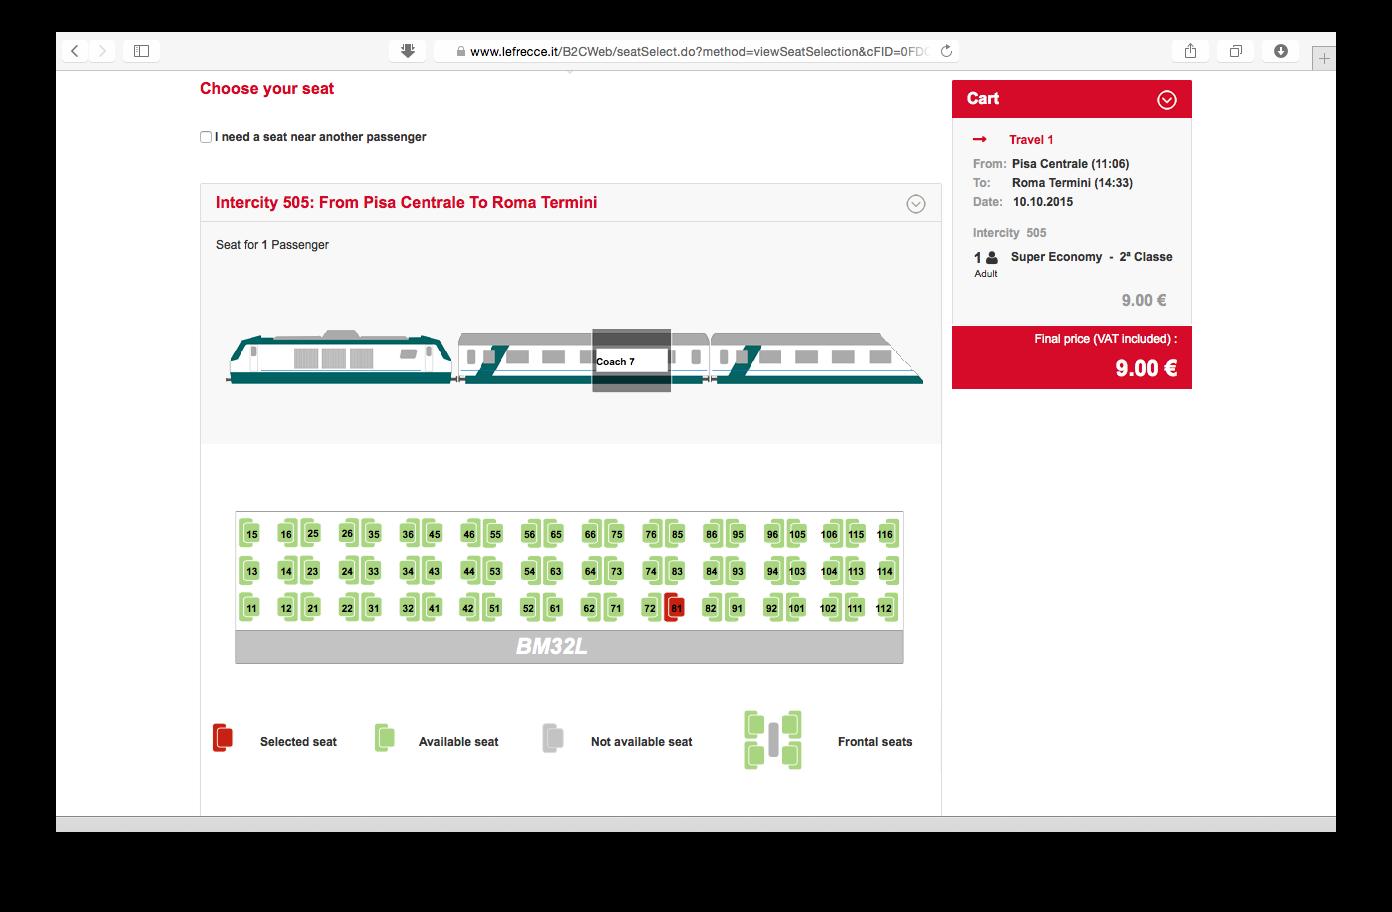 Tampilan web Trenitalia: memilih kursi